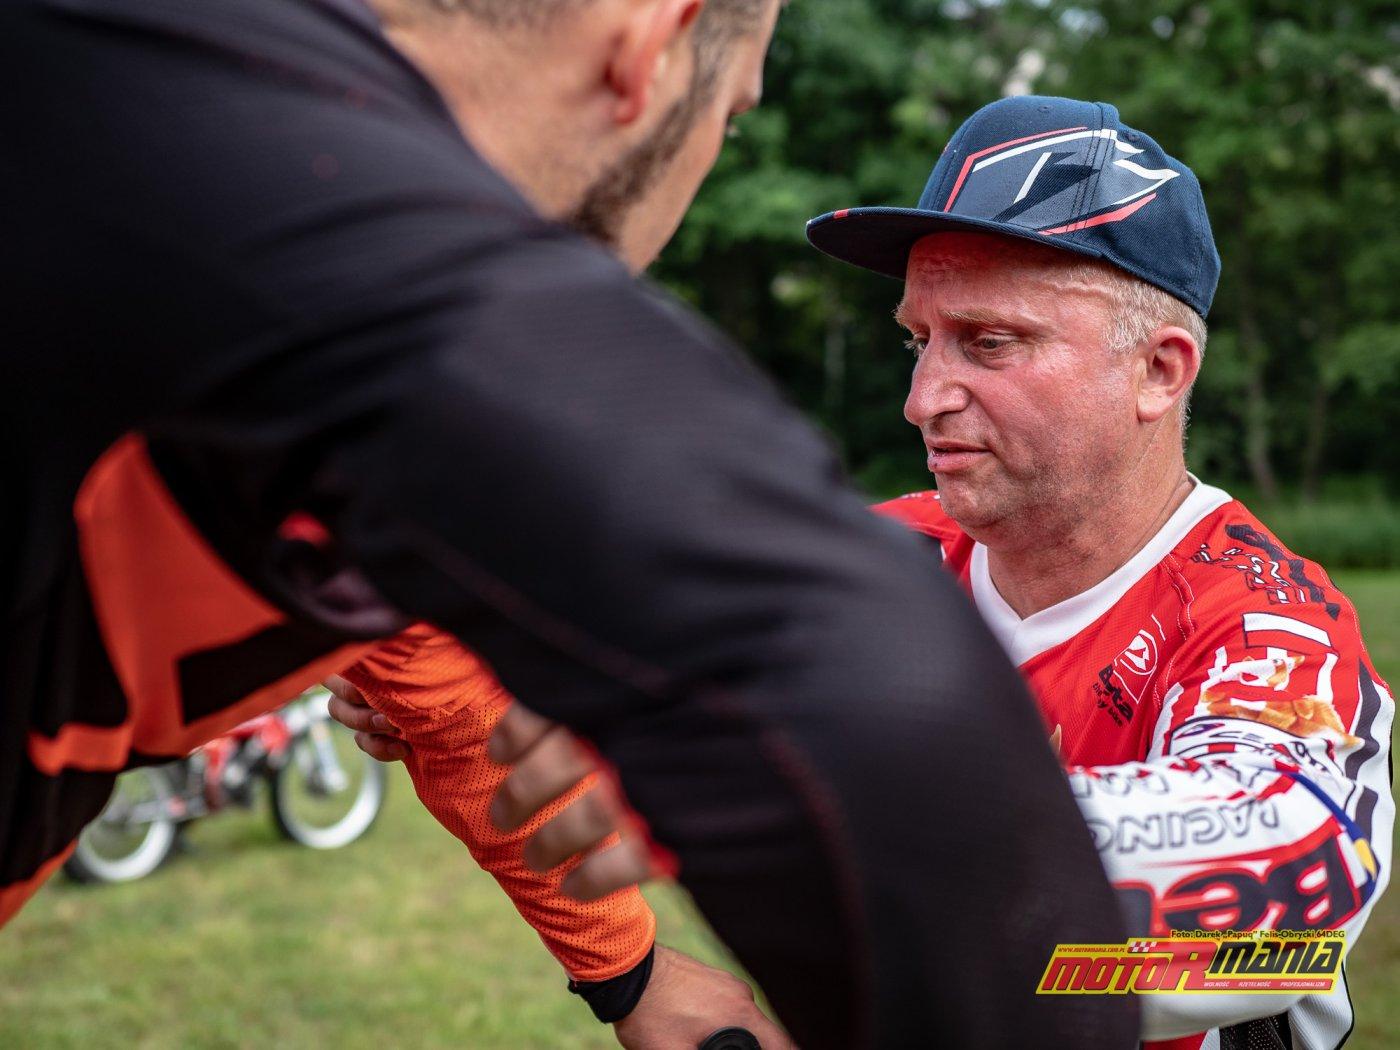 szkolenie trial technika jazdy trialówka - Piotr Jedrzejak jedzie - Andrzej Mistarz trener (3) - fot 64deg